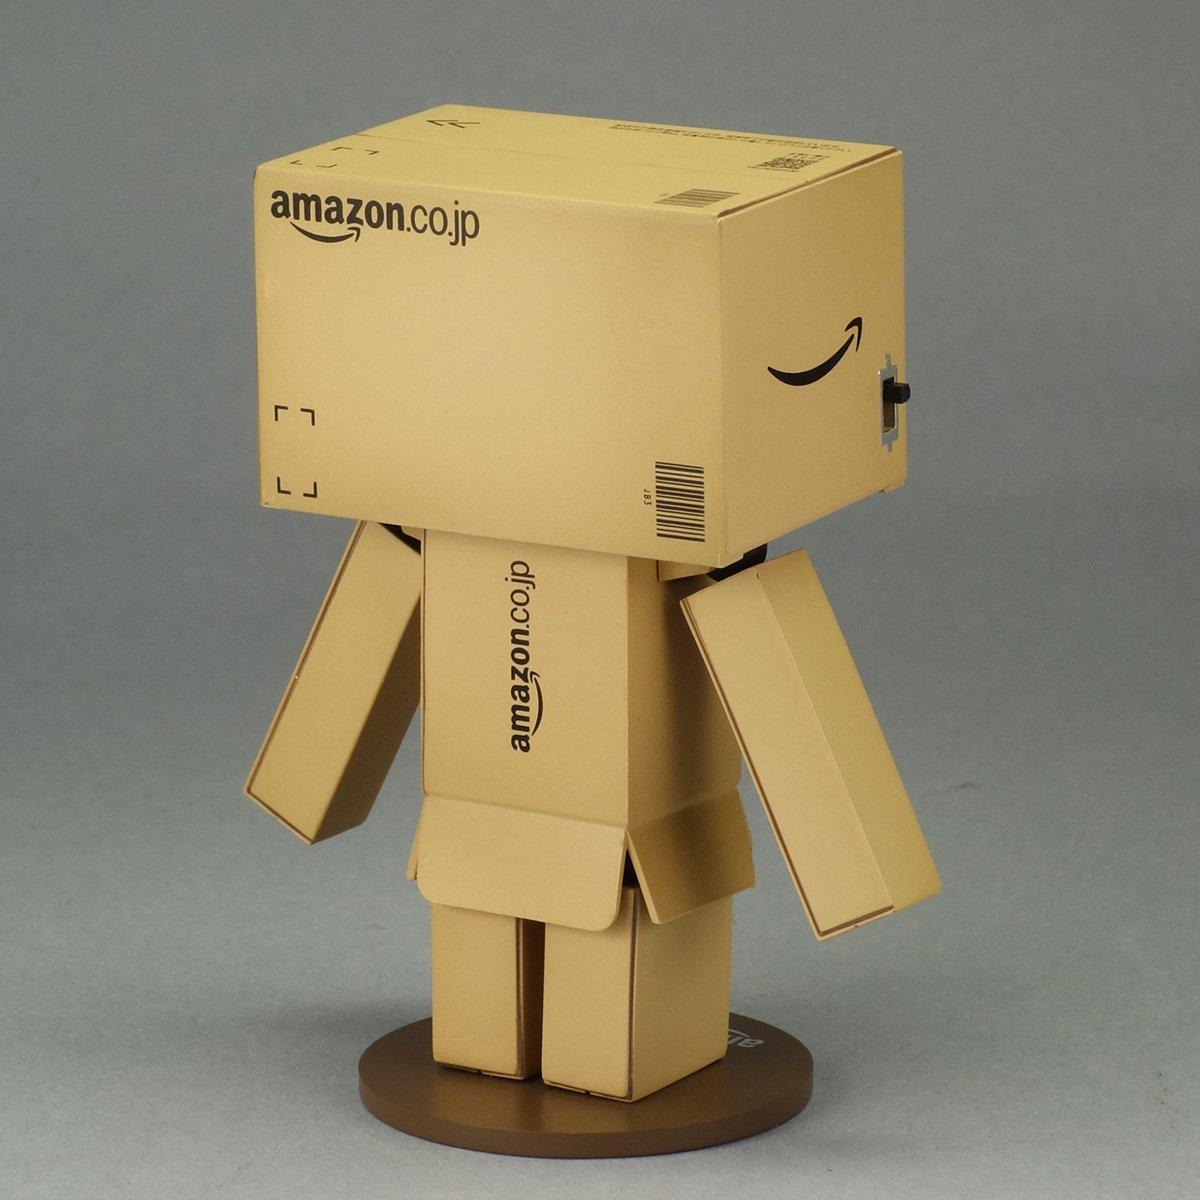 // Amazon.co.jp Box Version Danbo Revoltech Danboard Mini Yotsuba/&